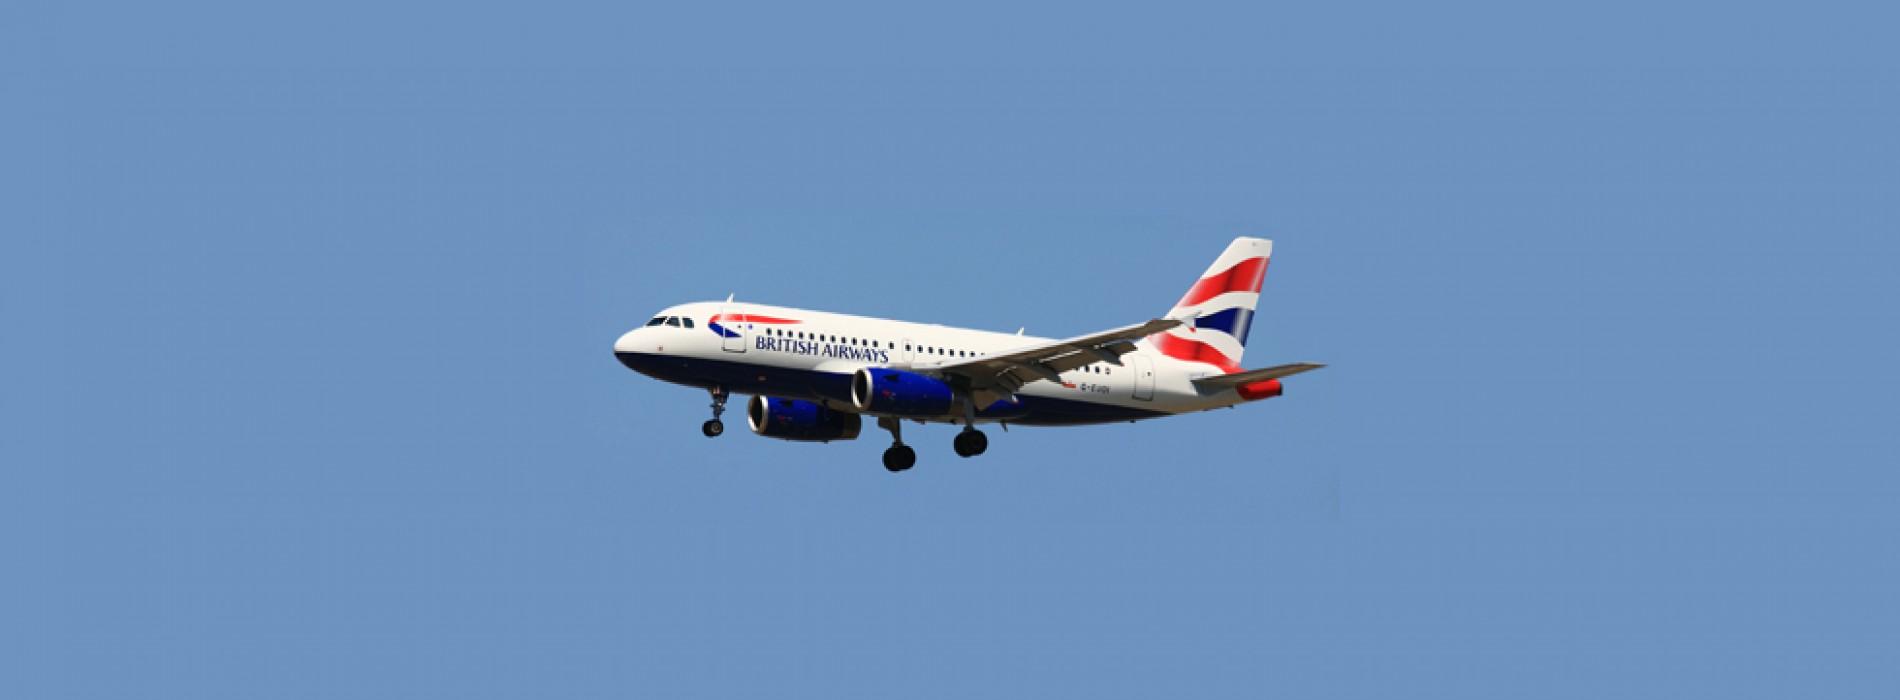 British Airways and Unite meet in London in effort to avoid strike